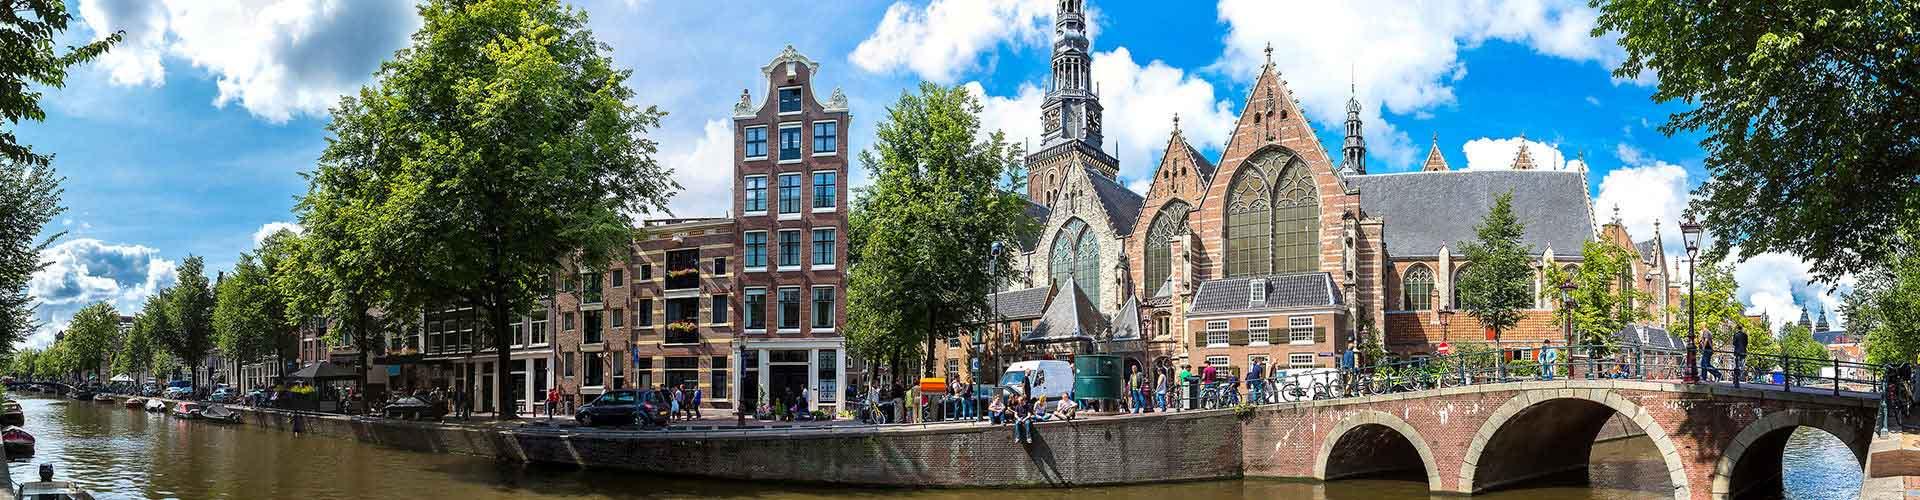 암스테르담 - 암스테르담 구교회에 가까운 호스텔. 암스테르담의 지도, 암스테르담에 위치한 호스텔에 대한 사진 및 리뷰.